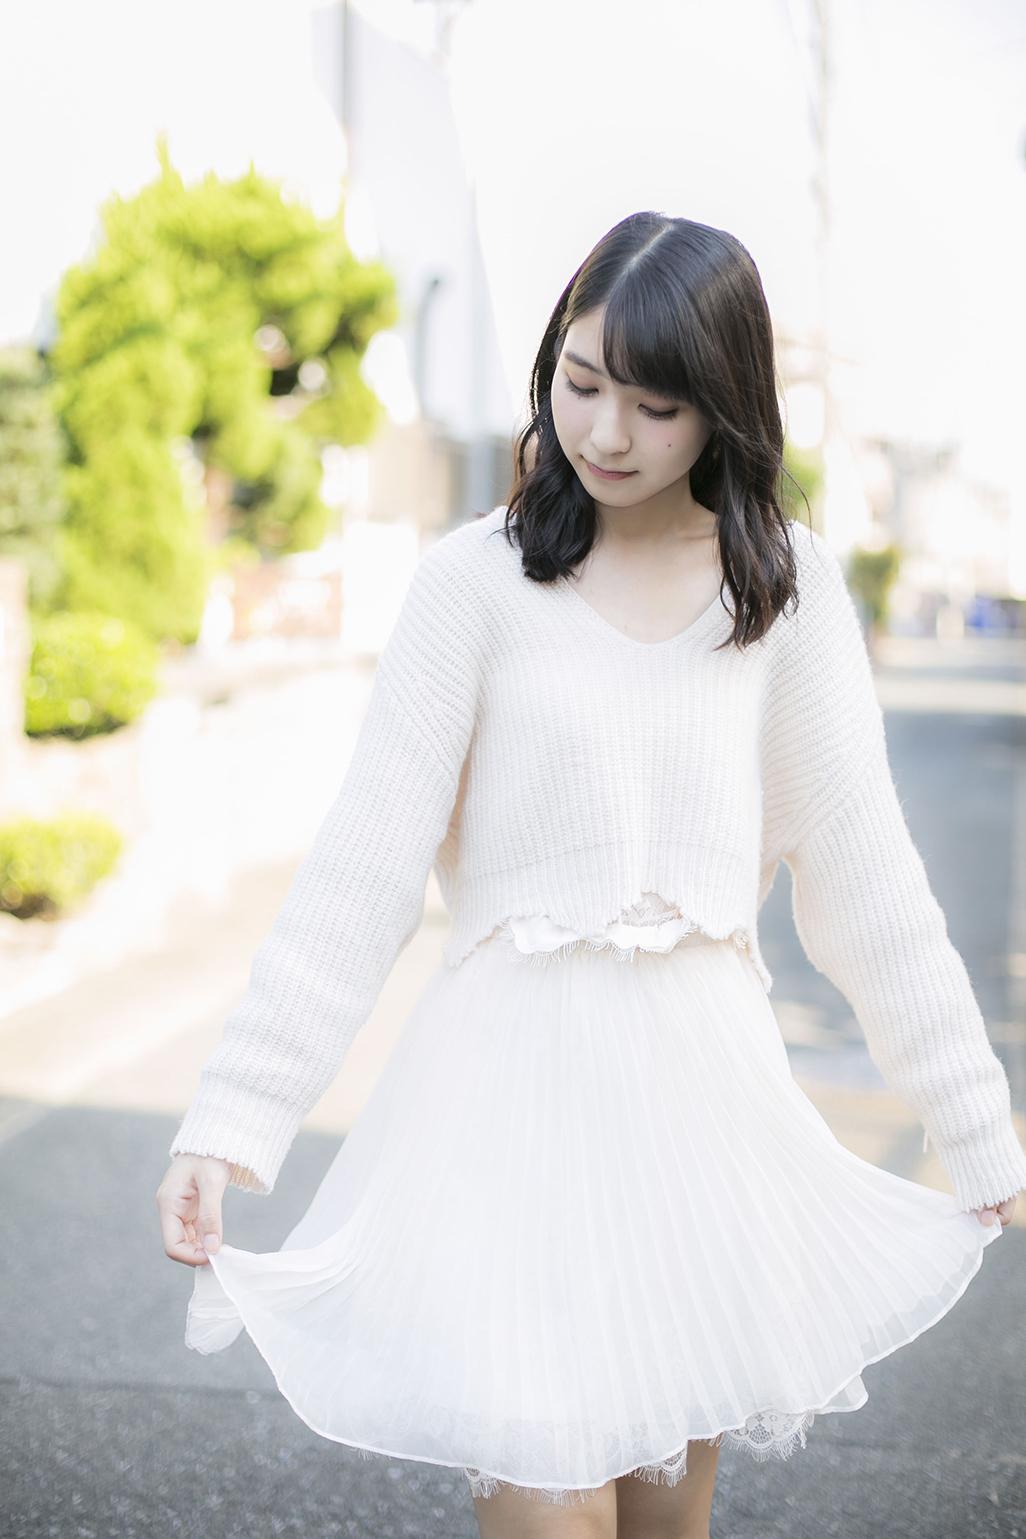 20161124_matsuokanatsumi1_photo_toukou